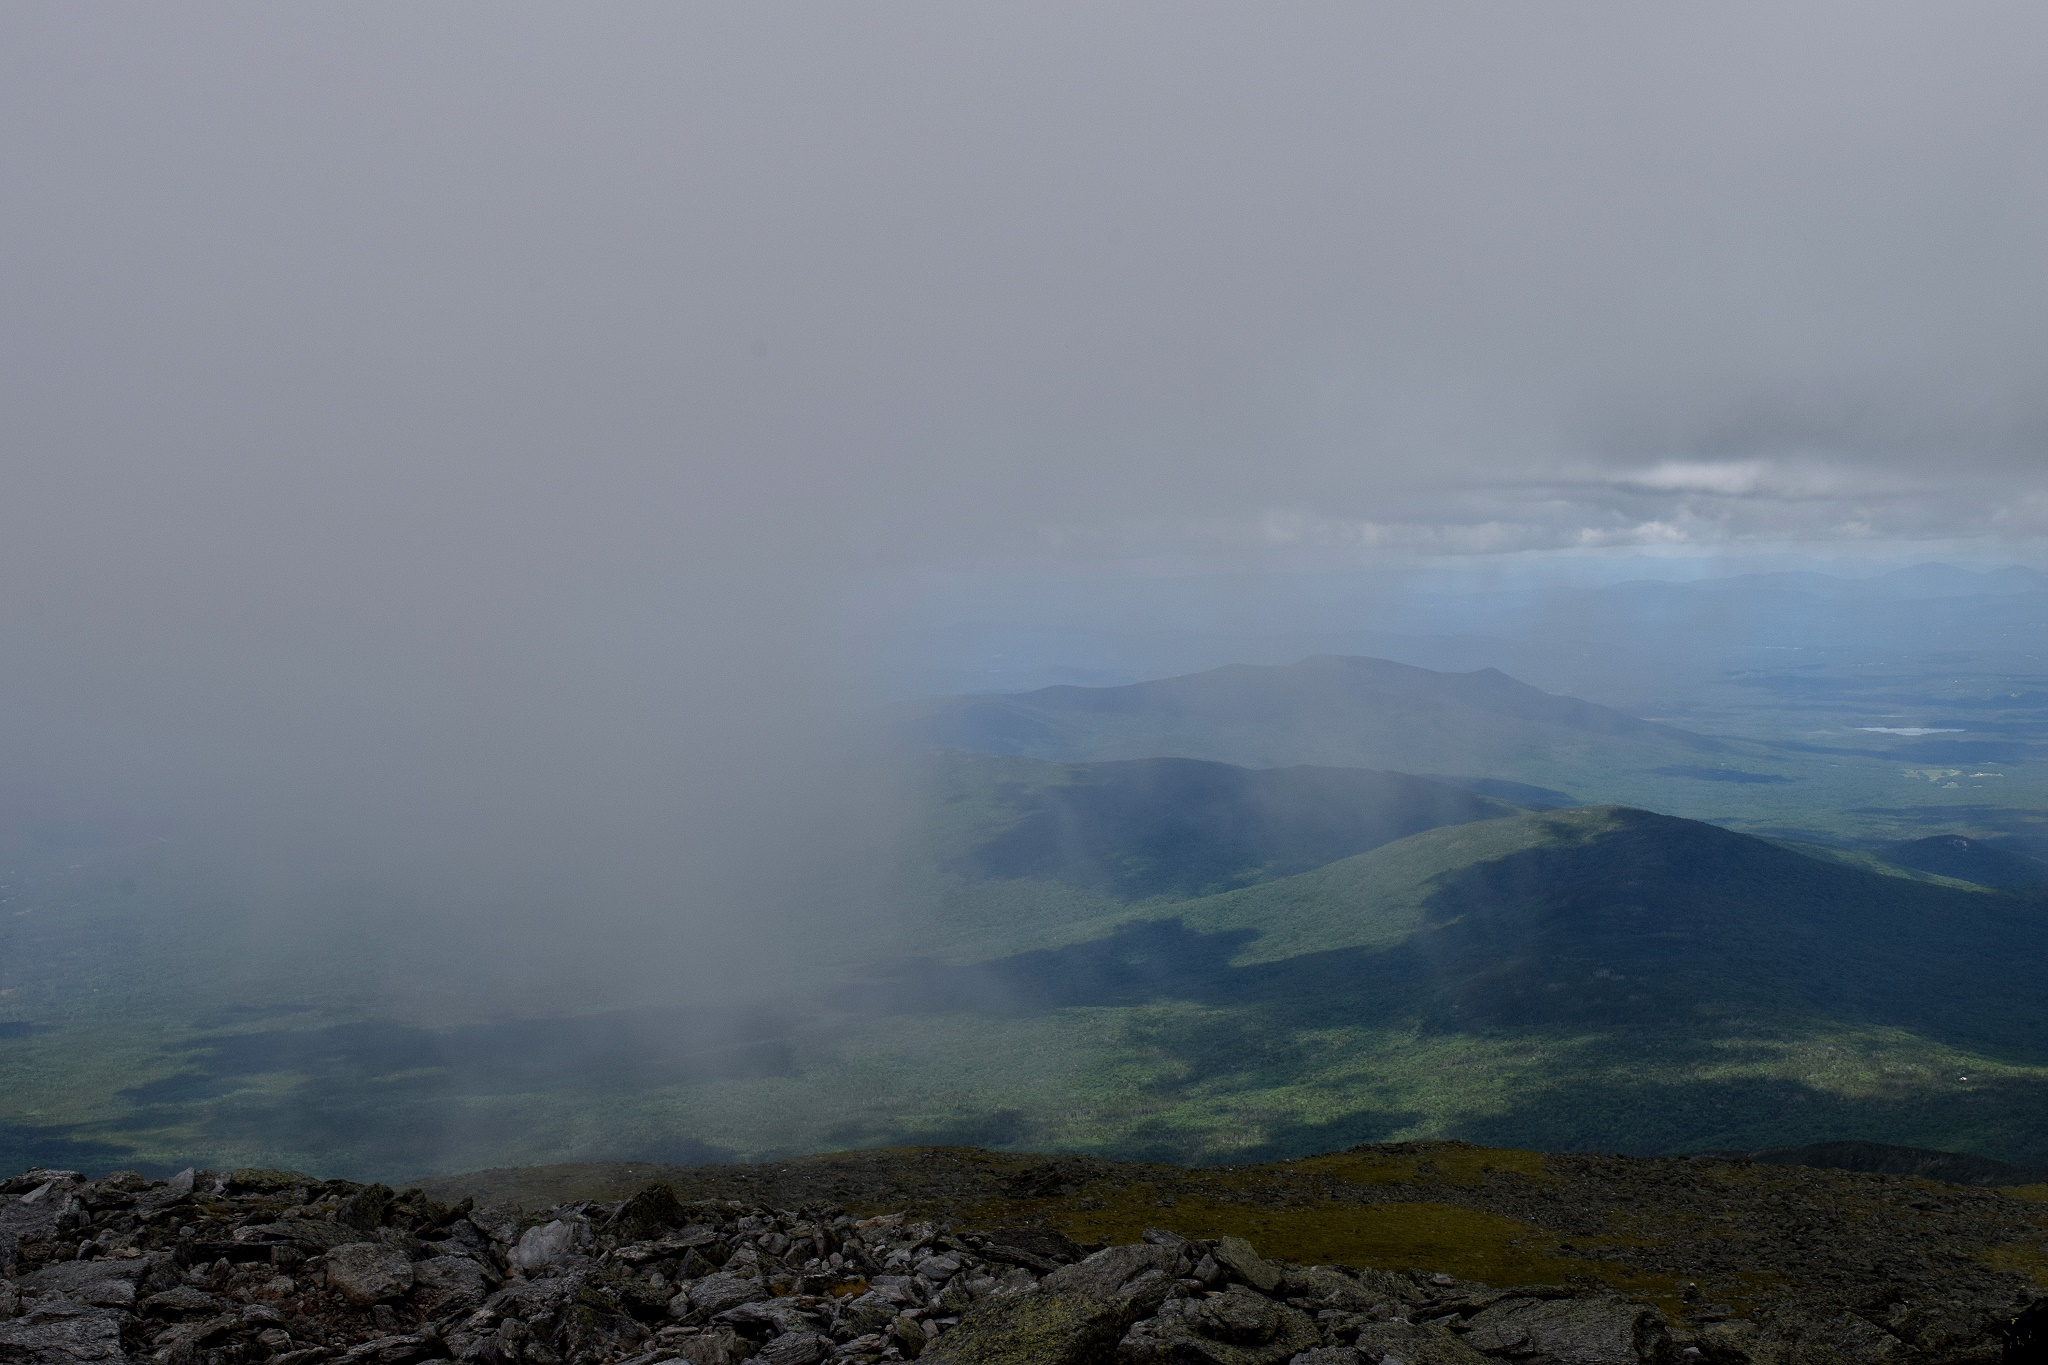 Mt-Washinton-summit-clouds